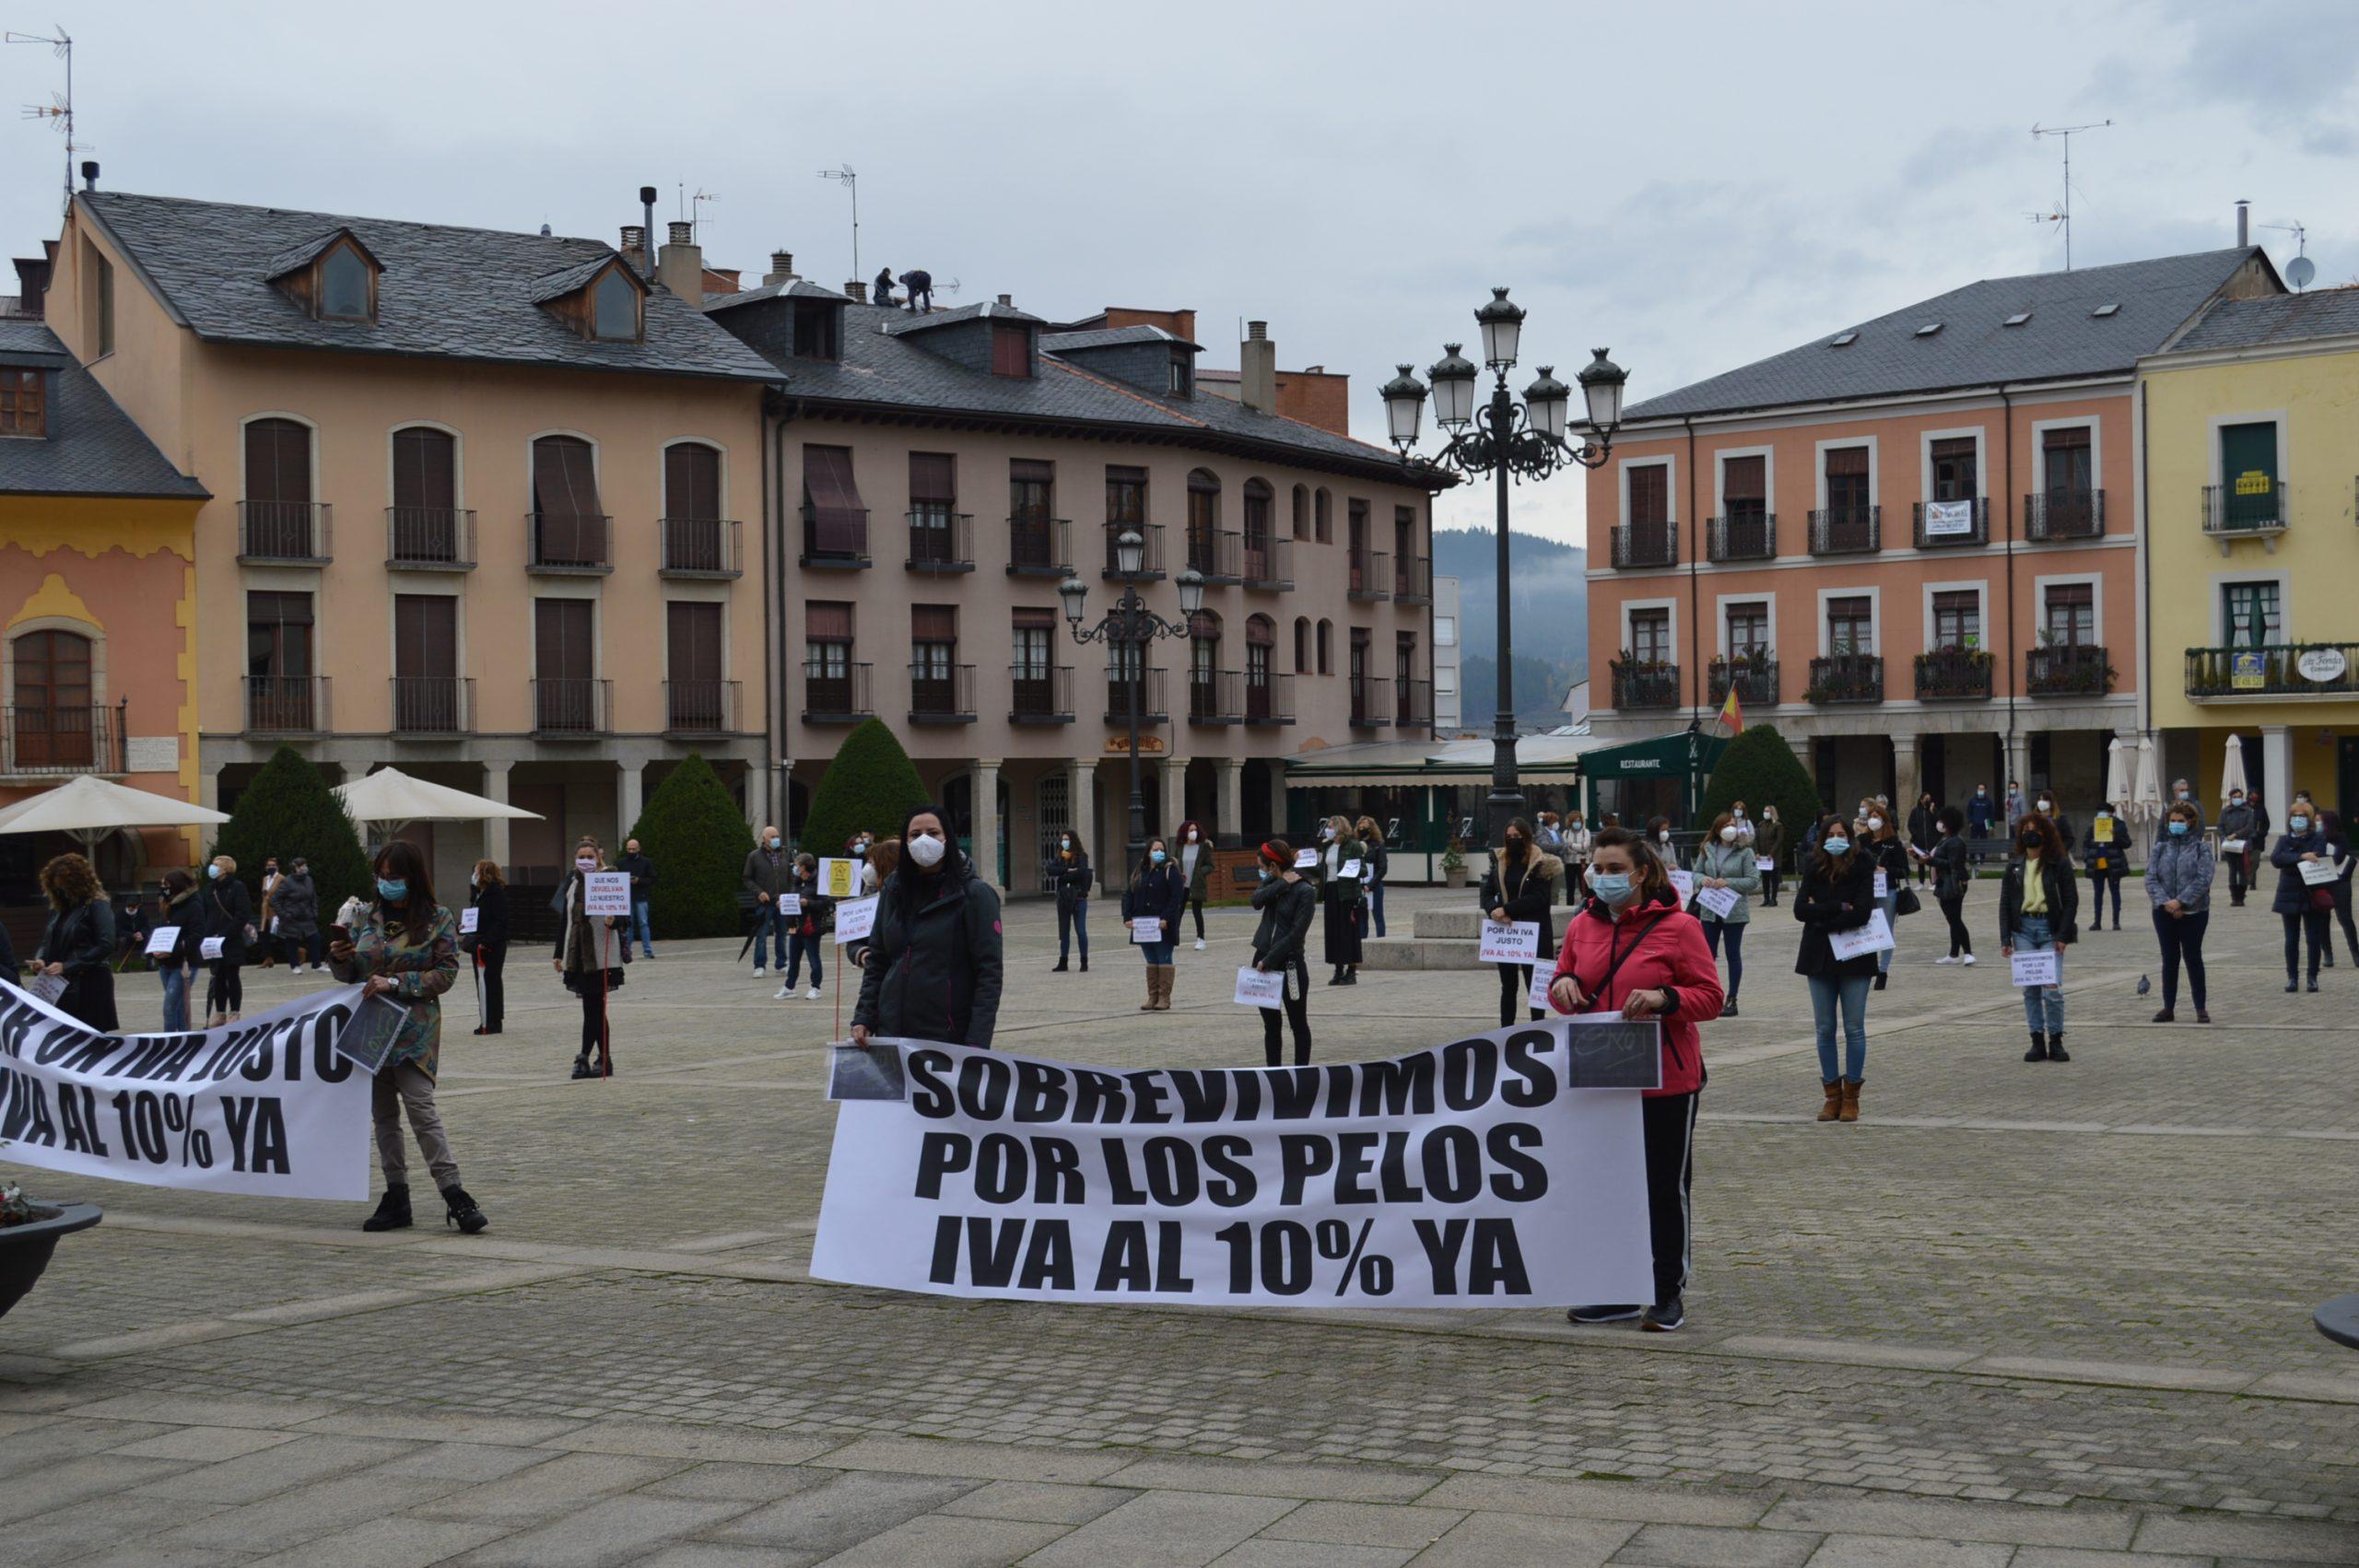 Peluquerías y centros de belleza de El Bierzo y Laciana se concentran en Ponferrada pidiendo apoyo para mantener el sector a flote 1